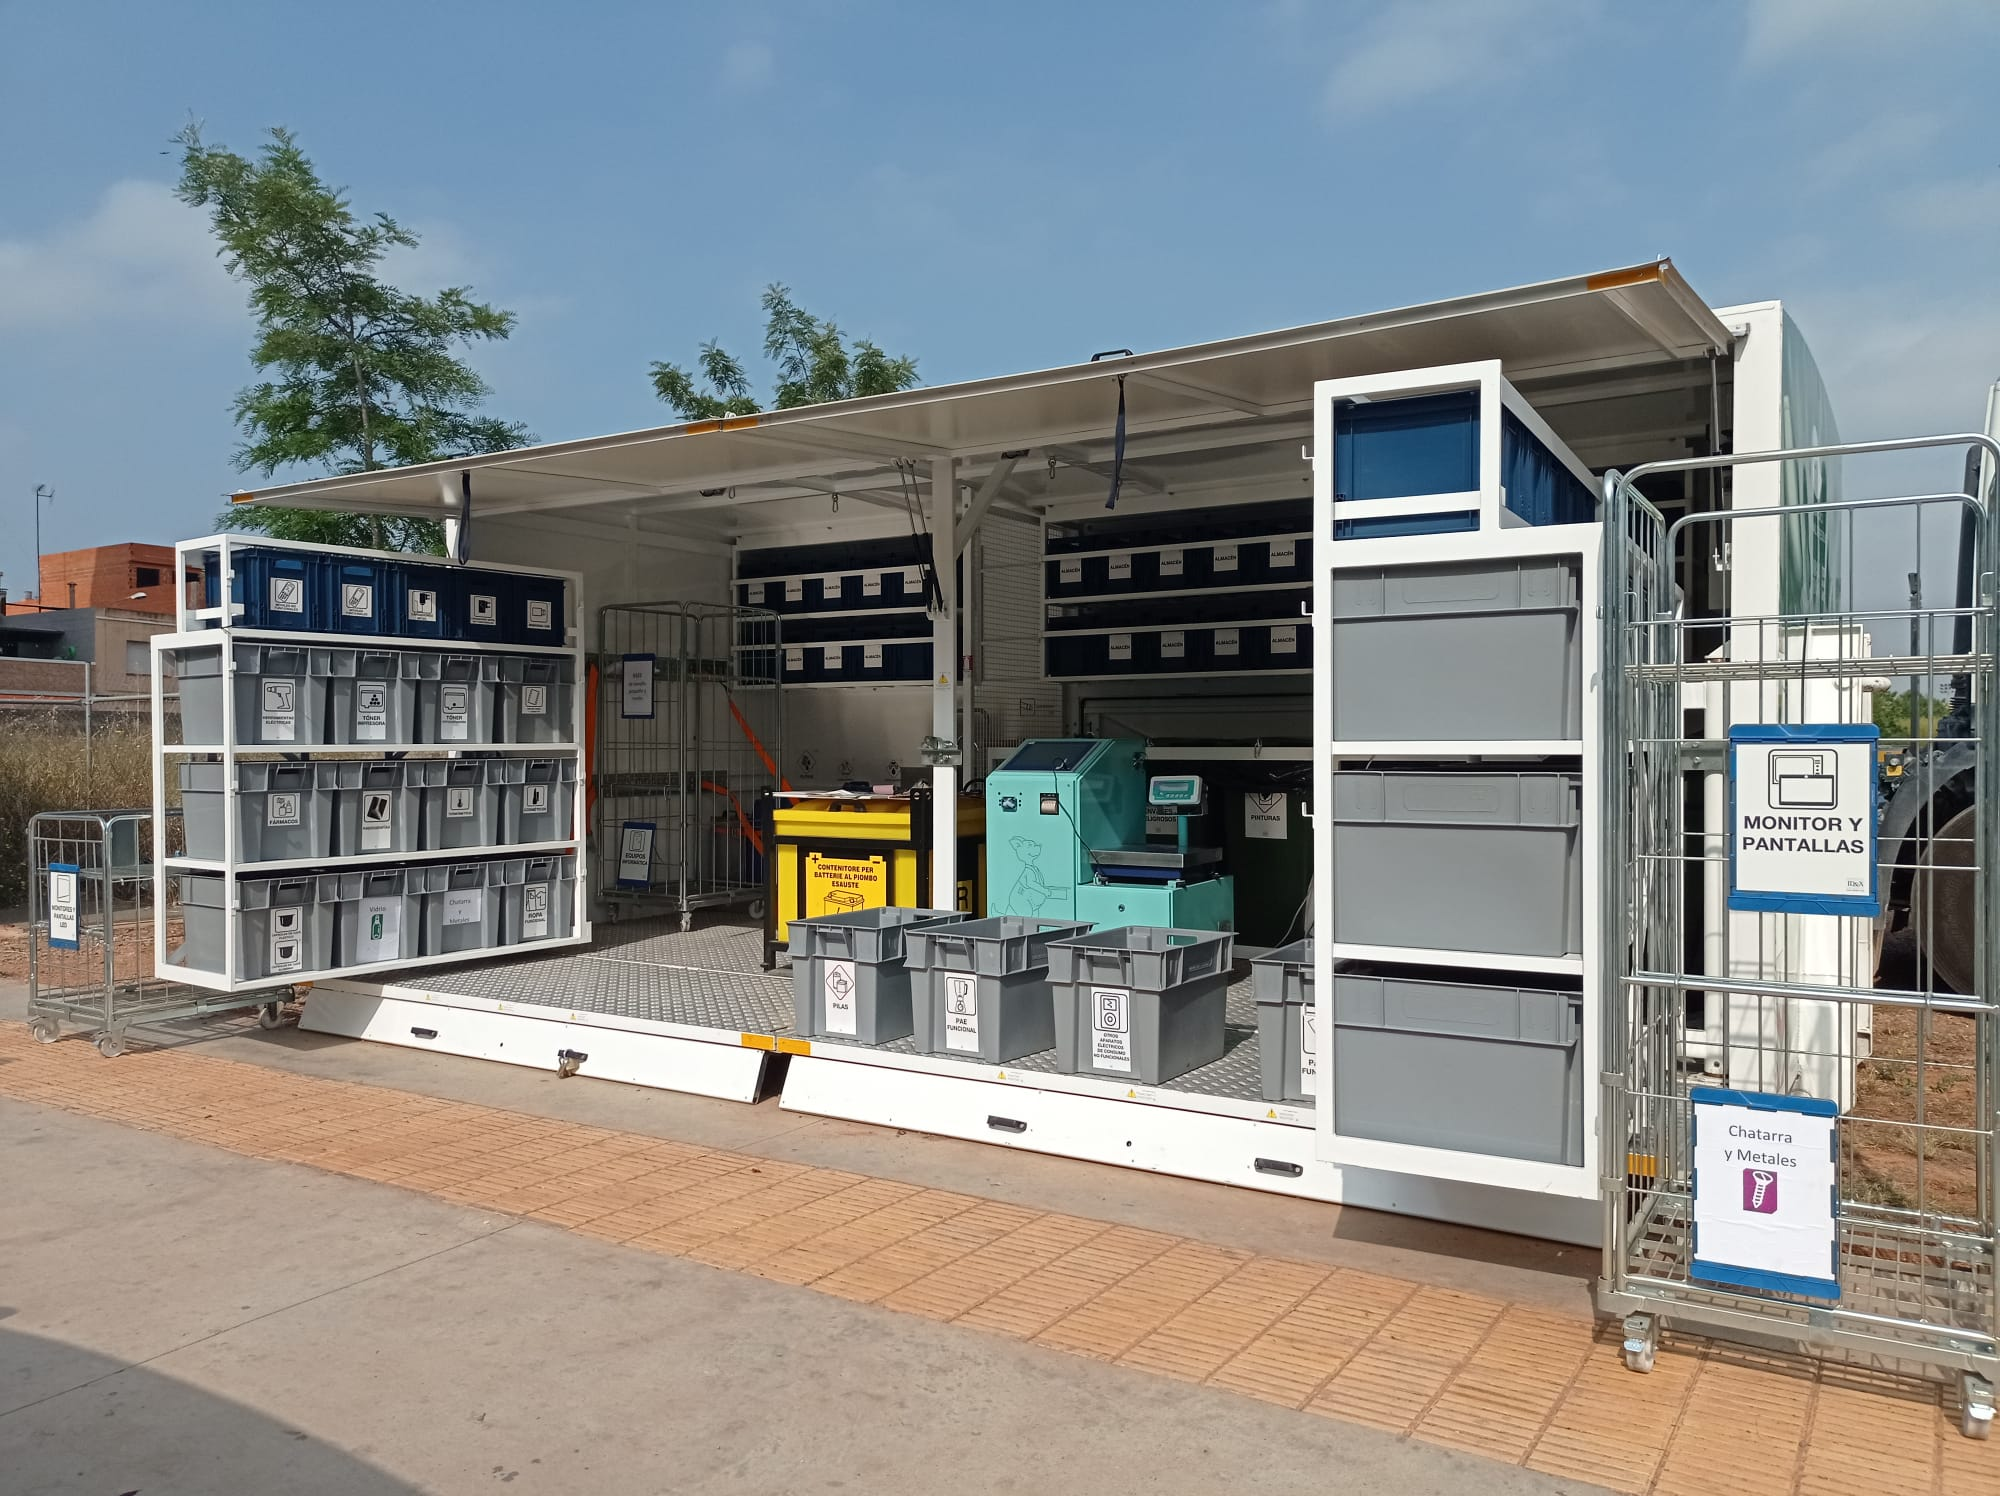 Vila-real incorpora un servicio periódico de ecoparque móvil, a través de Reciplasa, para favorecer el reciclaje y poner freno al abandono de enseres en la calle